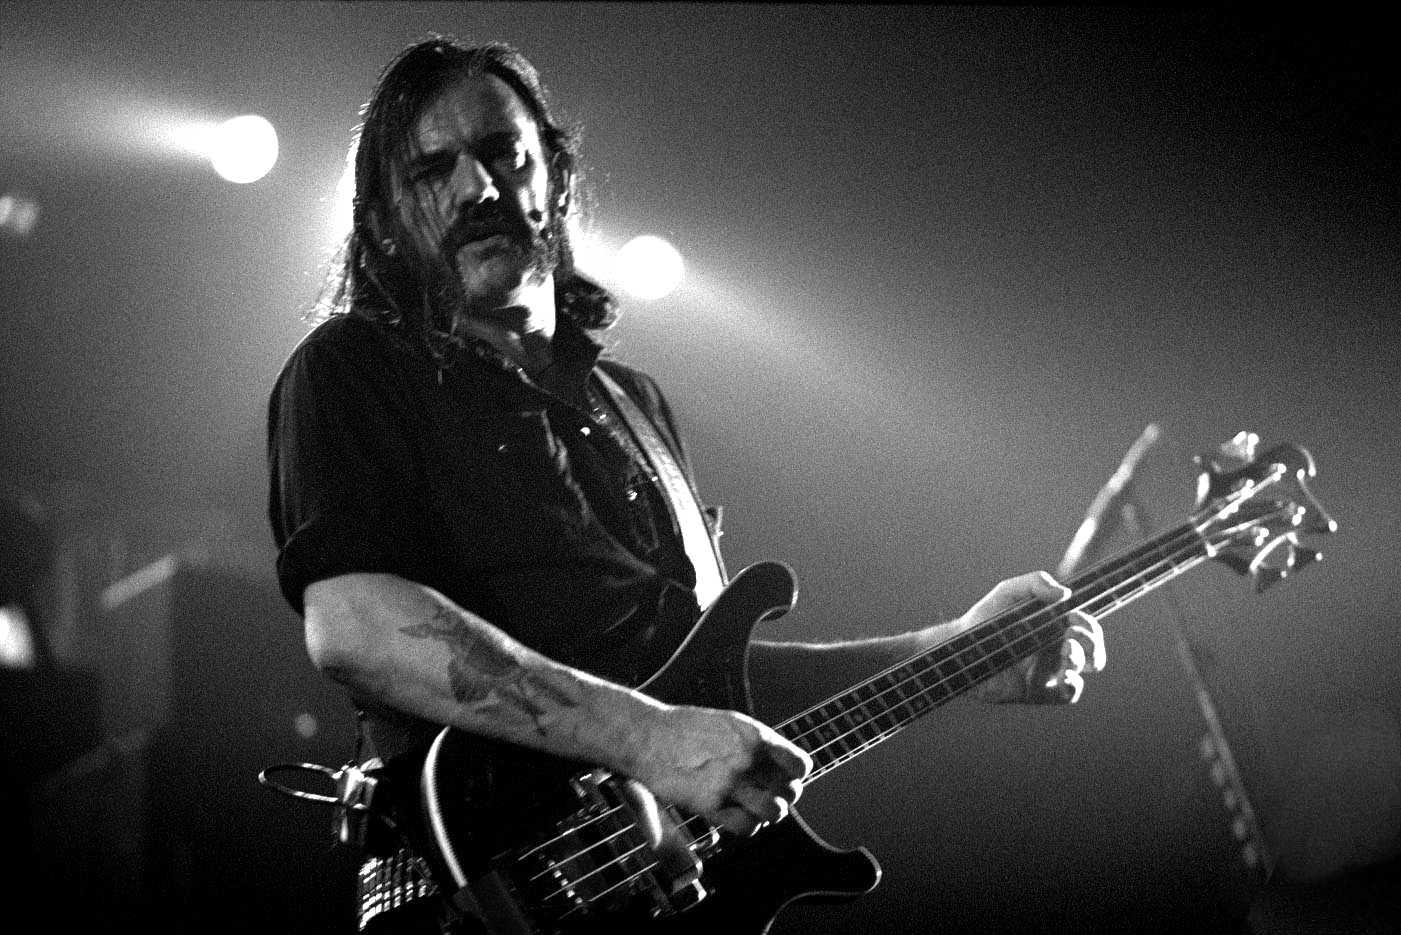 Lemmy Kilmister de Motorhead por Iker Zubia en In focus 5